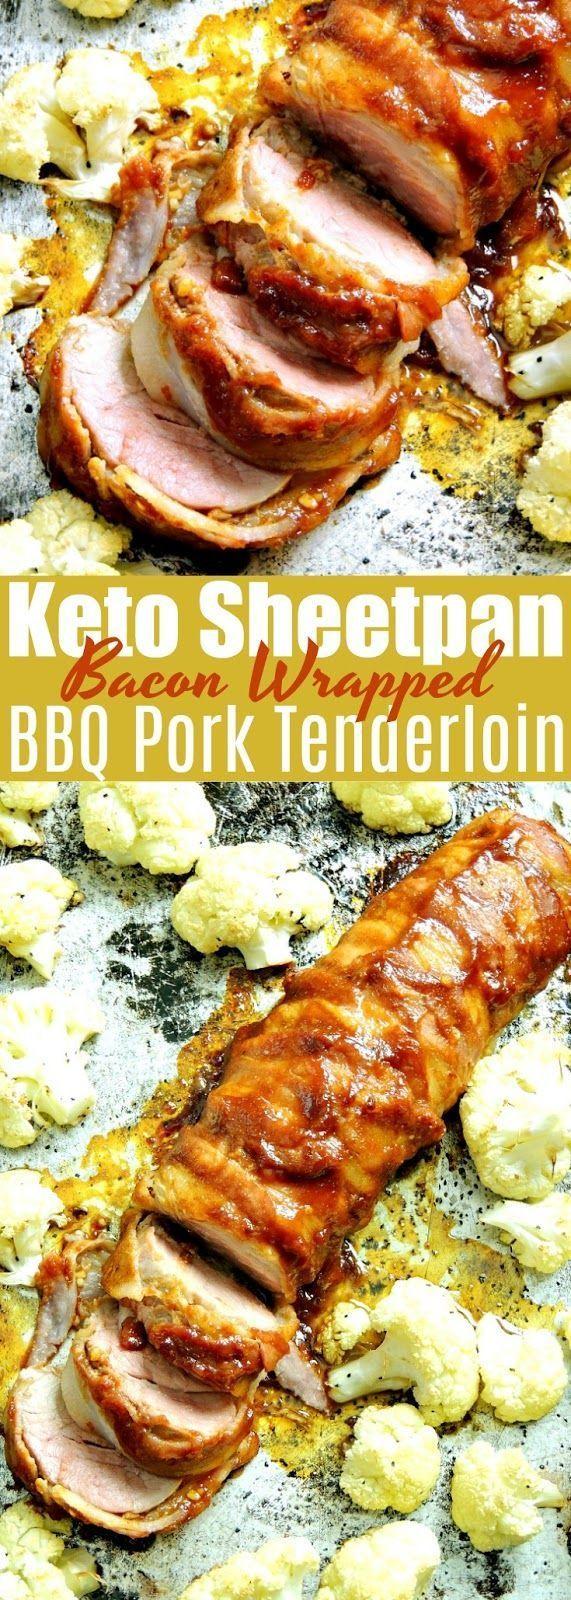 Keto Sheet Pan Bacon Wrapped BBQ Pork Tenderloin This Keto Sheet Pan Bacon Wrapped BBQ Pork Tenderl